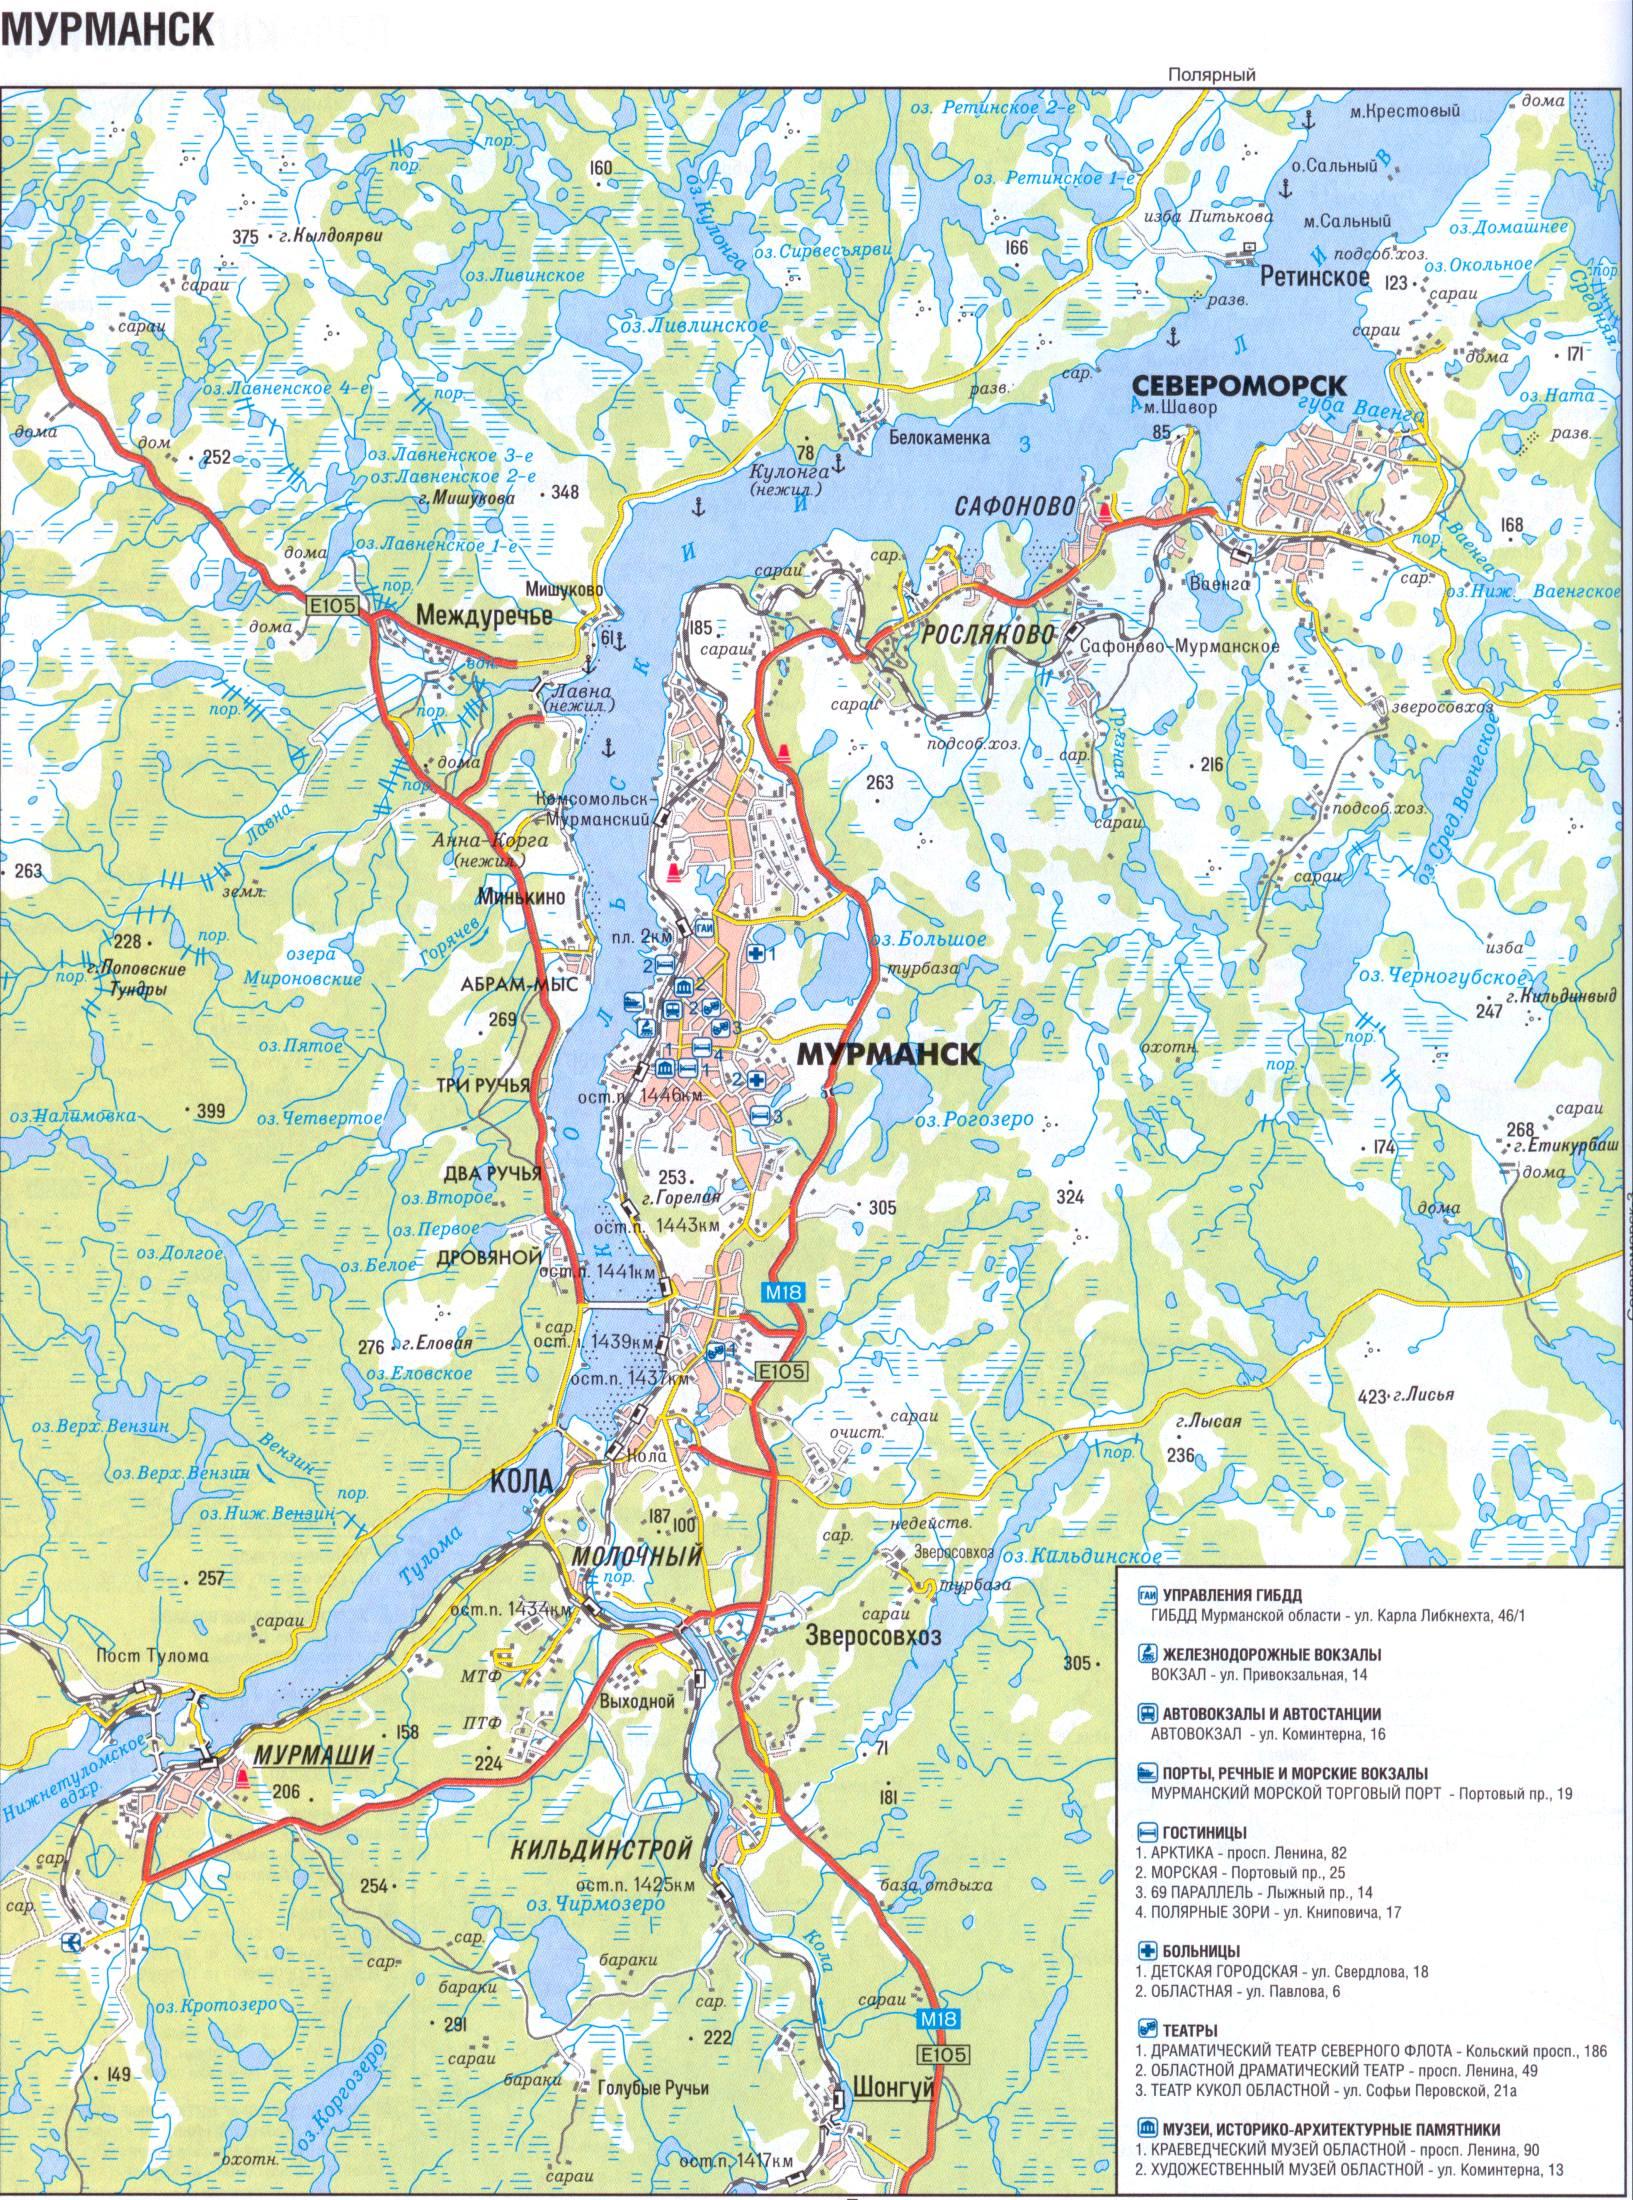 Карта схема г Мурманск с окрестностями - Росляково, Сафоново, Североморск, Мурмаши, Кильдинстрой.